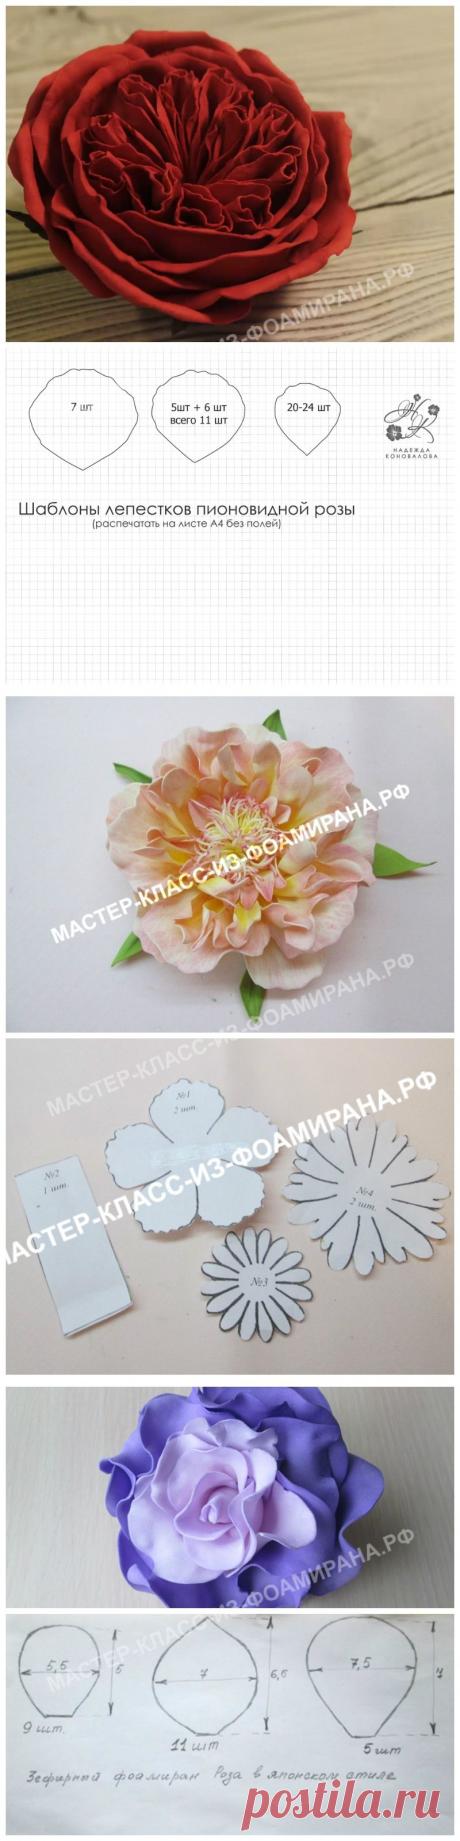 Выкройка розы из фоамирана (шаблоны цветка и лепестков)